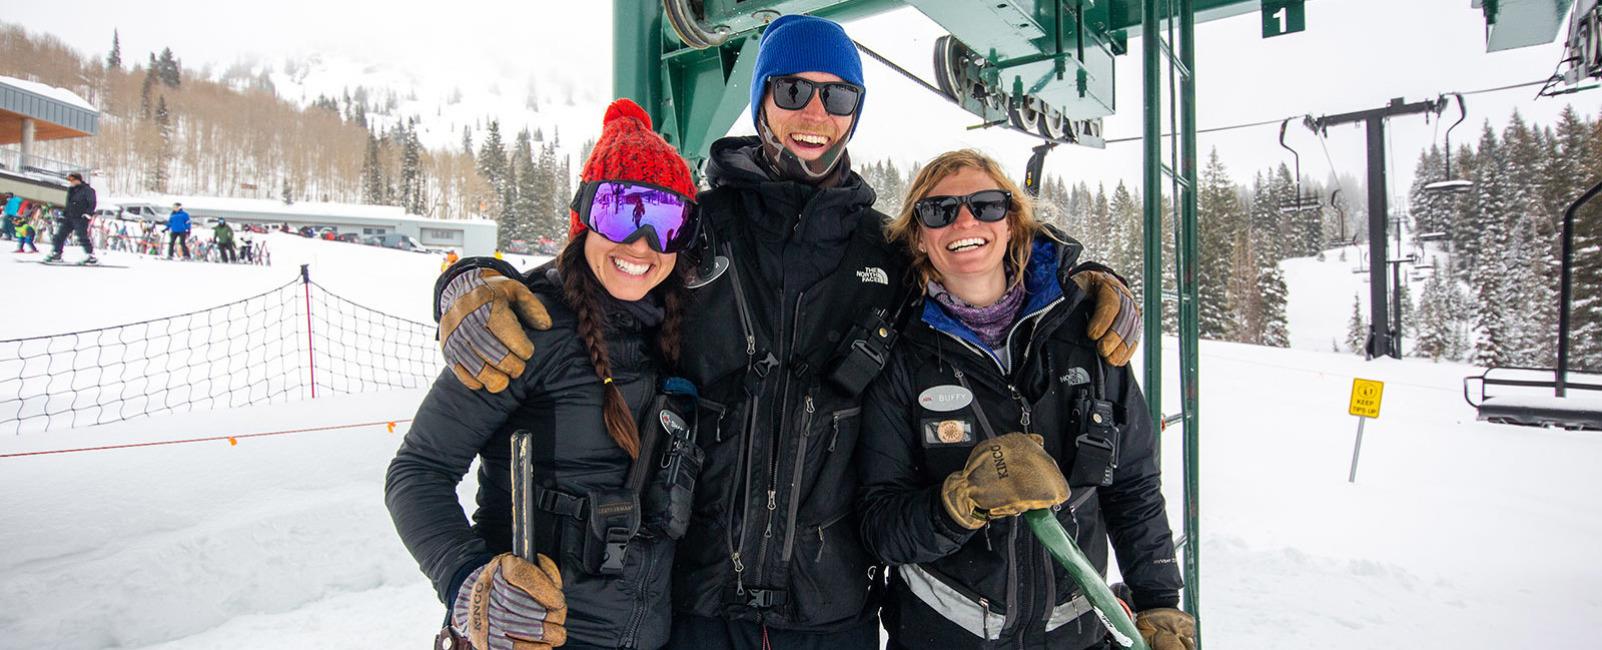 Utah's Ski Resorts Are Hiring | Job Fairs & More